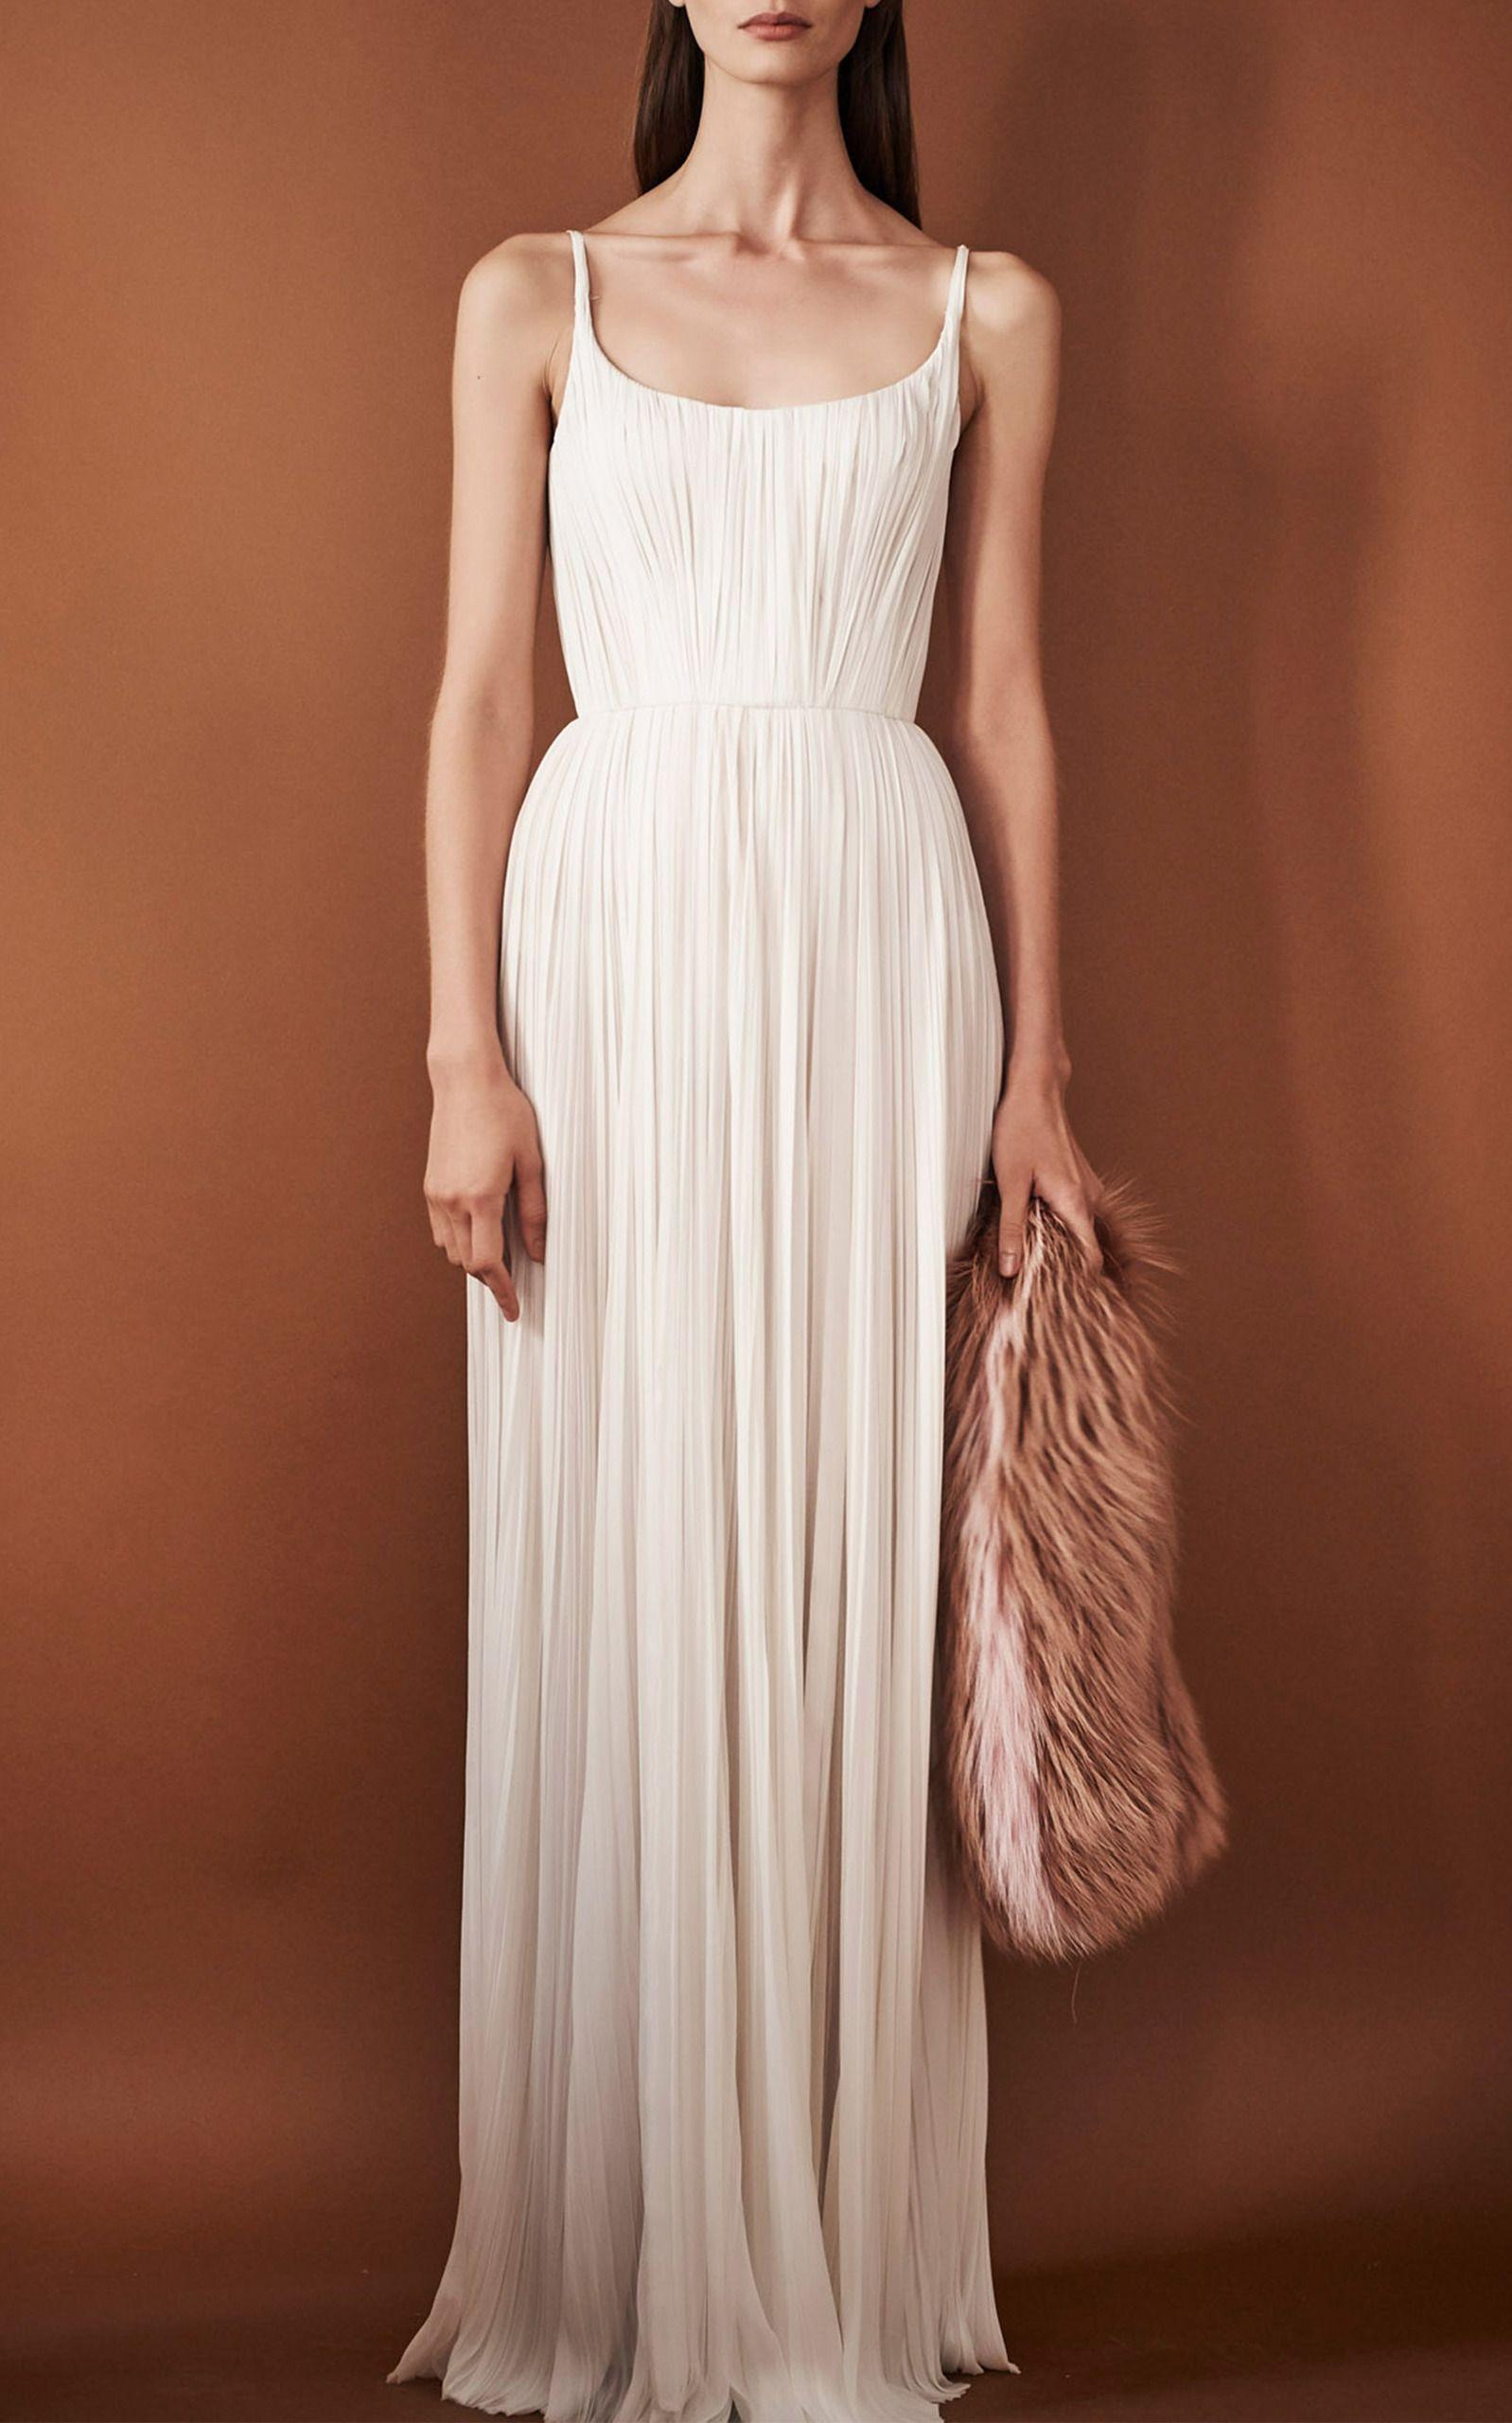 J. Mendel, Spring/Summer 2018 | Apparel: Designer, Dresses & Gowns ...